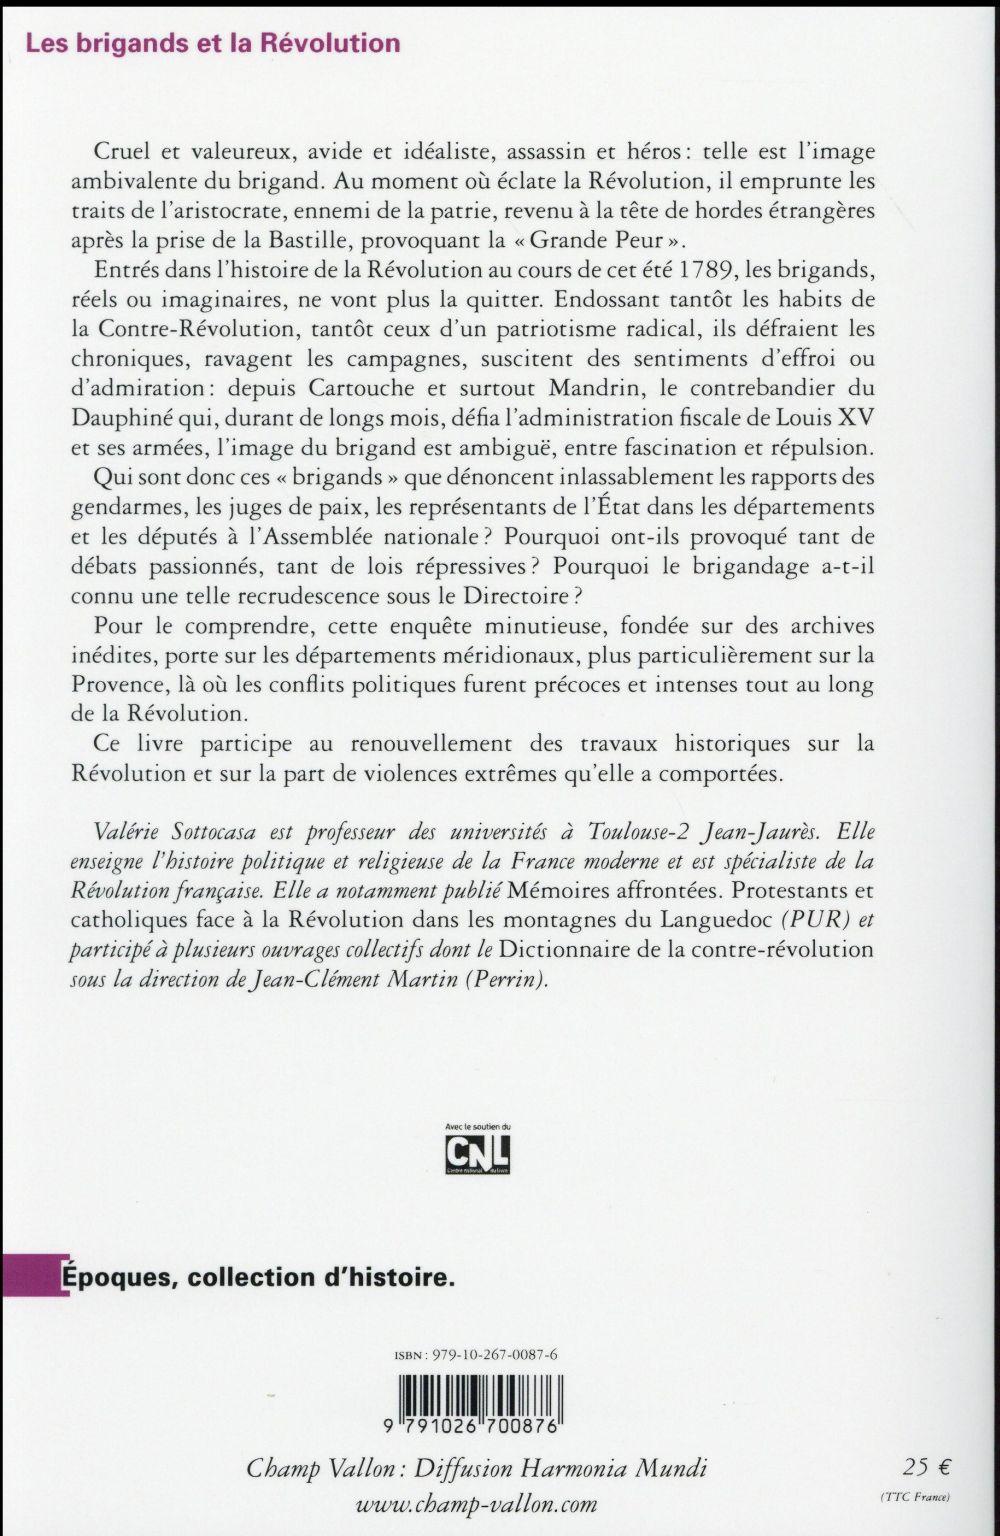 Les brigands et la révolution ; violences politiques et criminalités dans le Midi (1789-1802)